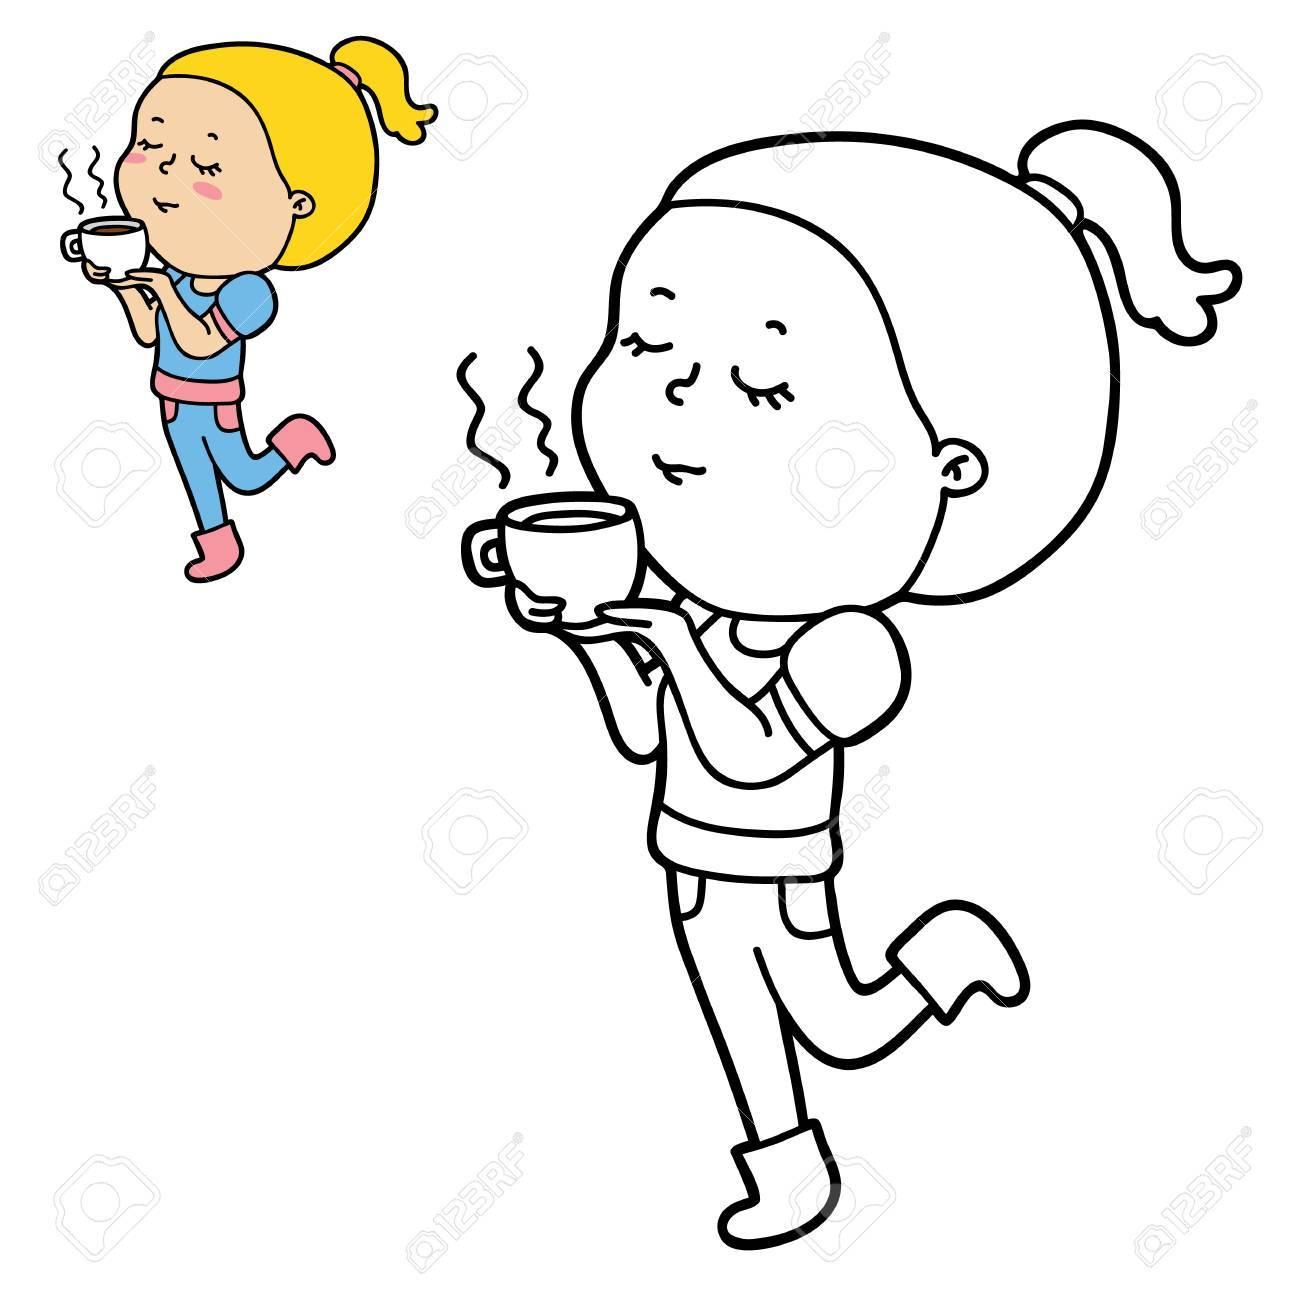 Ilustración Vectorial De Personaje De Dibujos Animados Lindo Chica ...